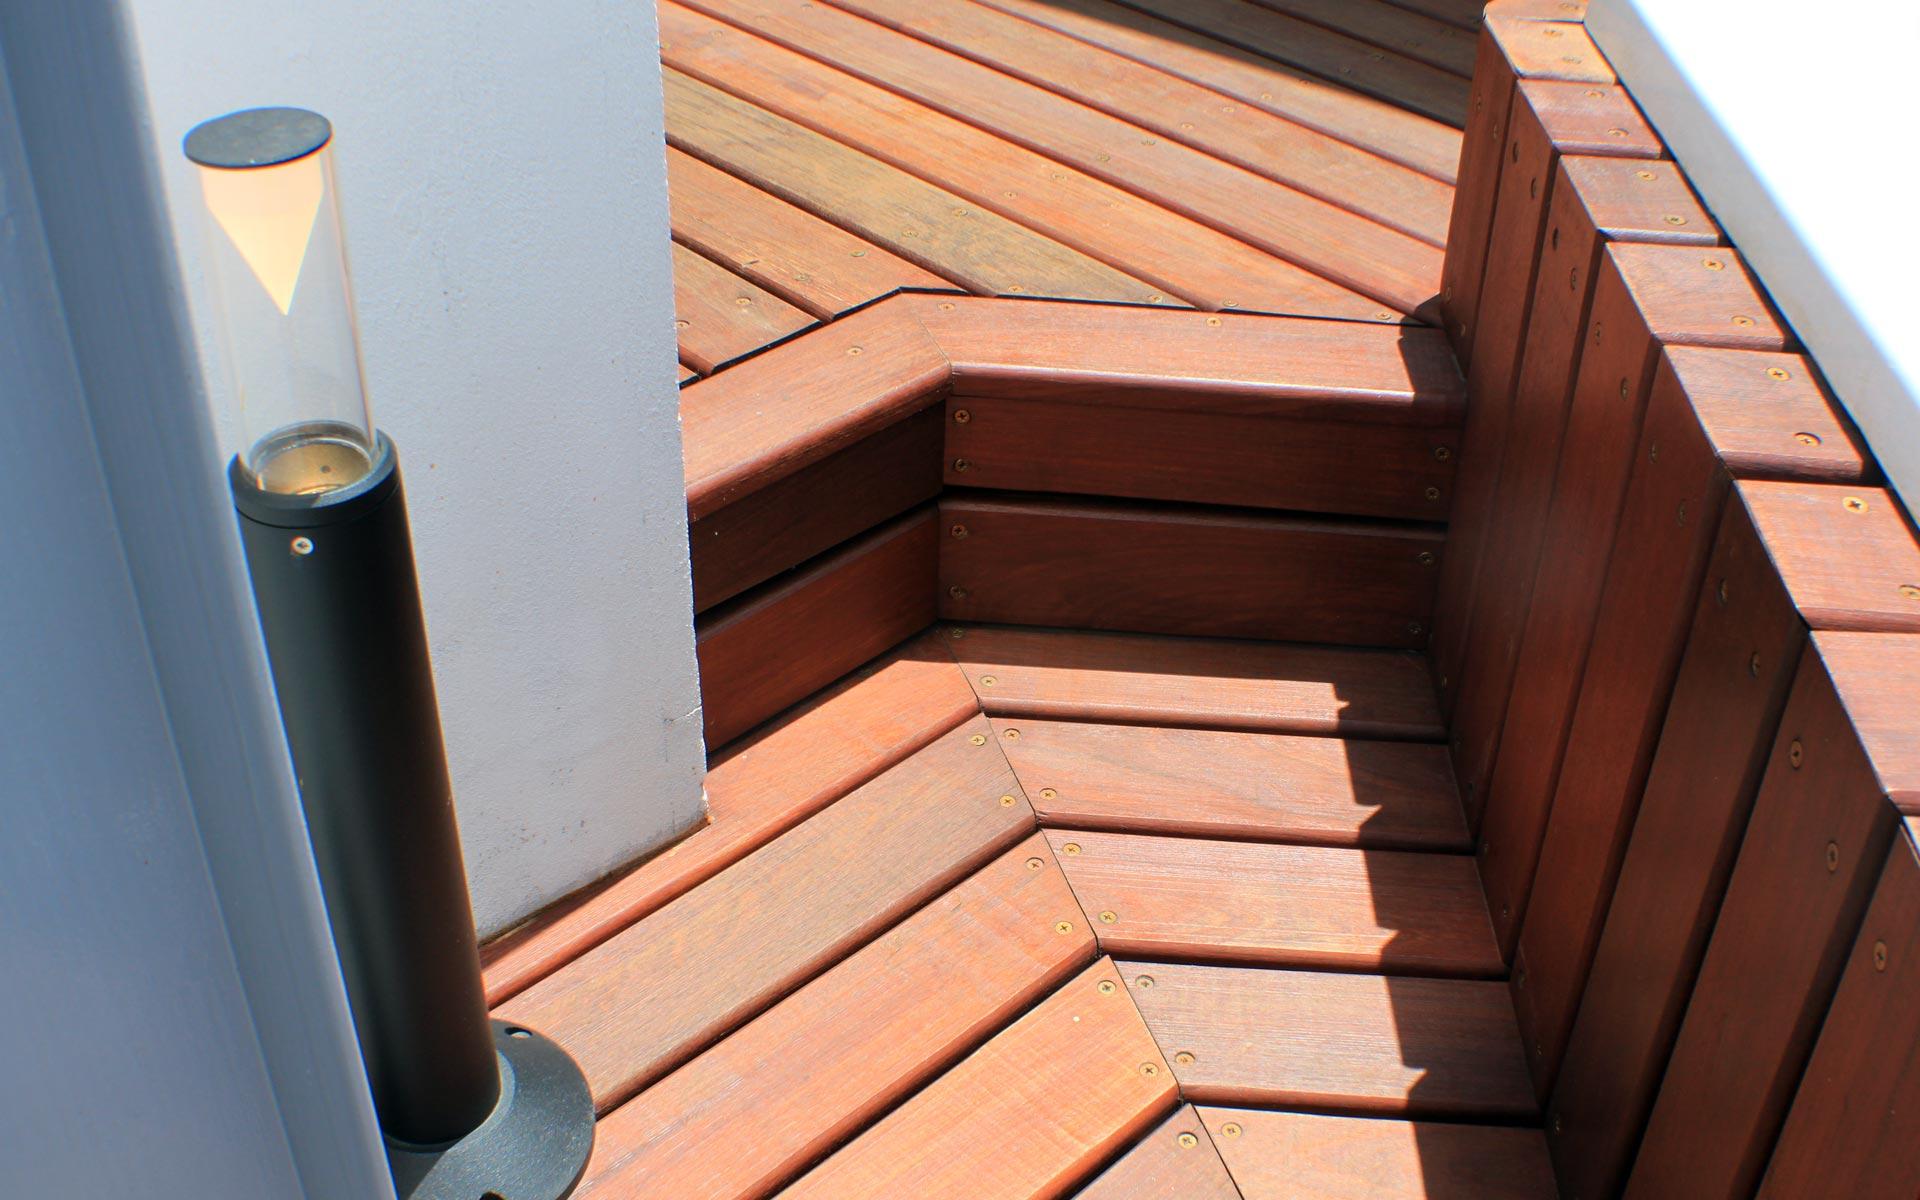 Reforma terraza ph y departamento. Detalle deck de madera escalones y lateral jacuzzi